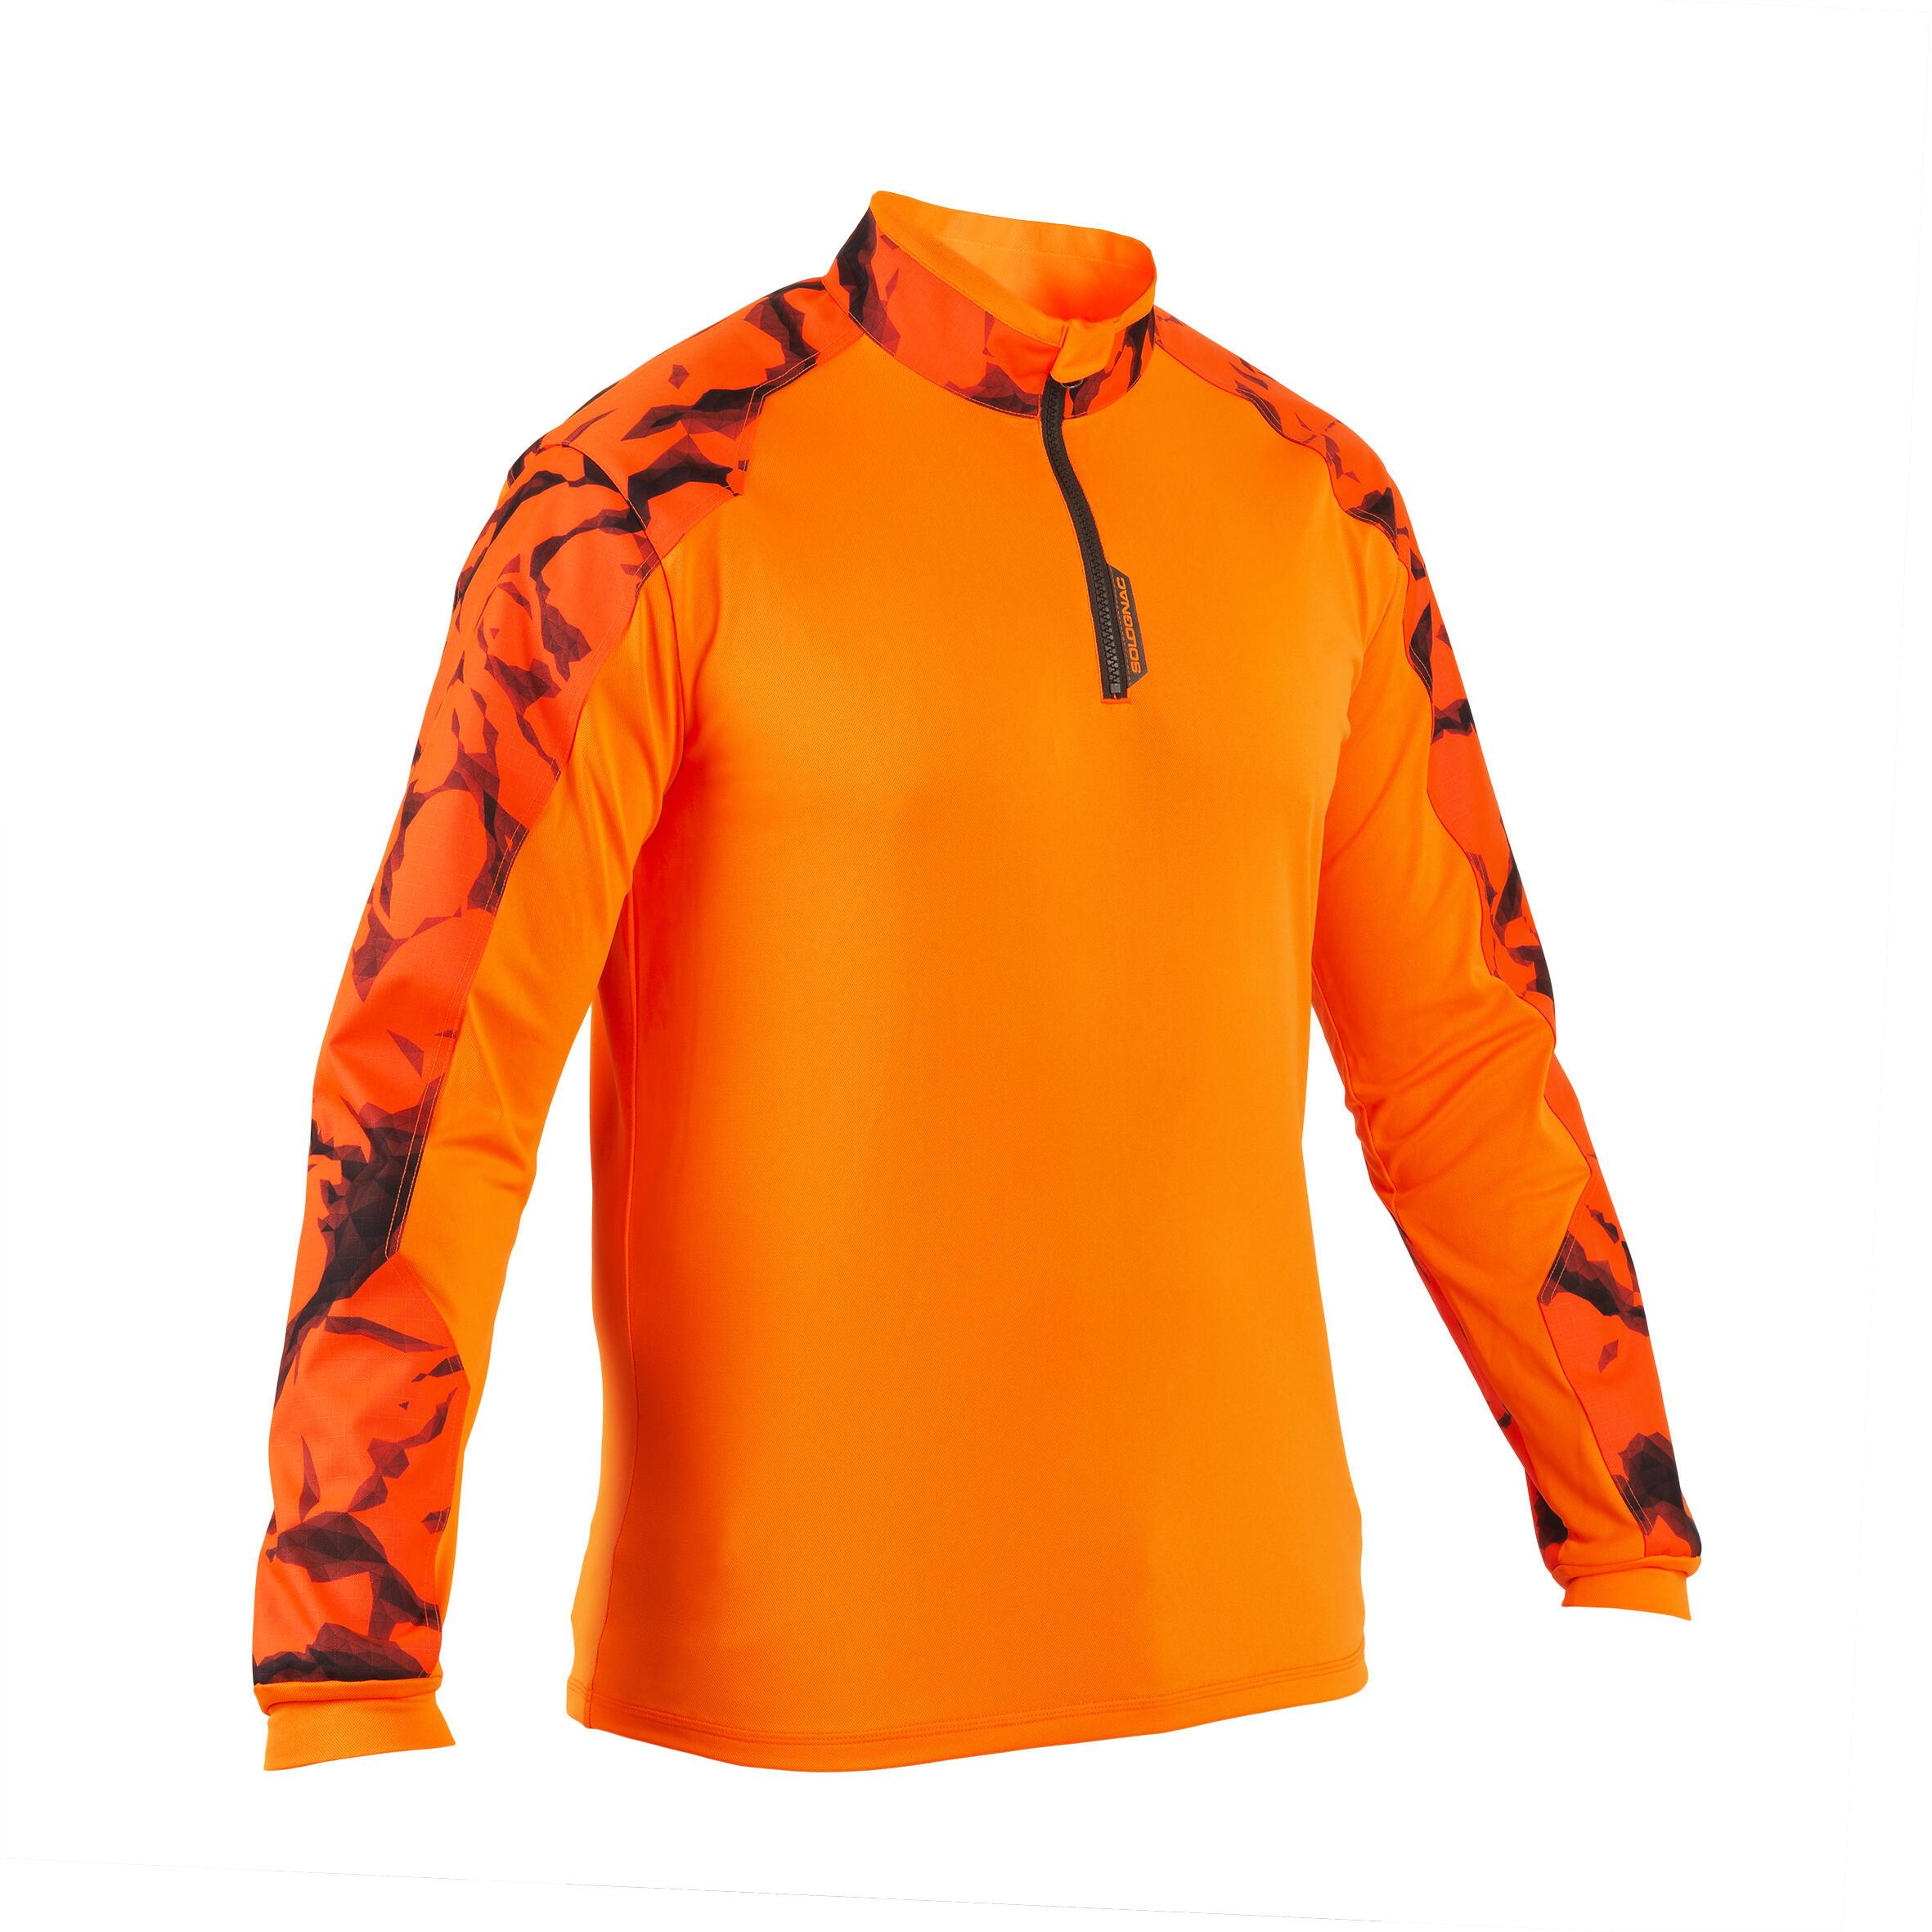 Solognac T-shirt Supertrack met lange mouwen voor de jacht fluo camouflage